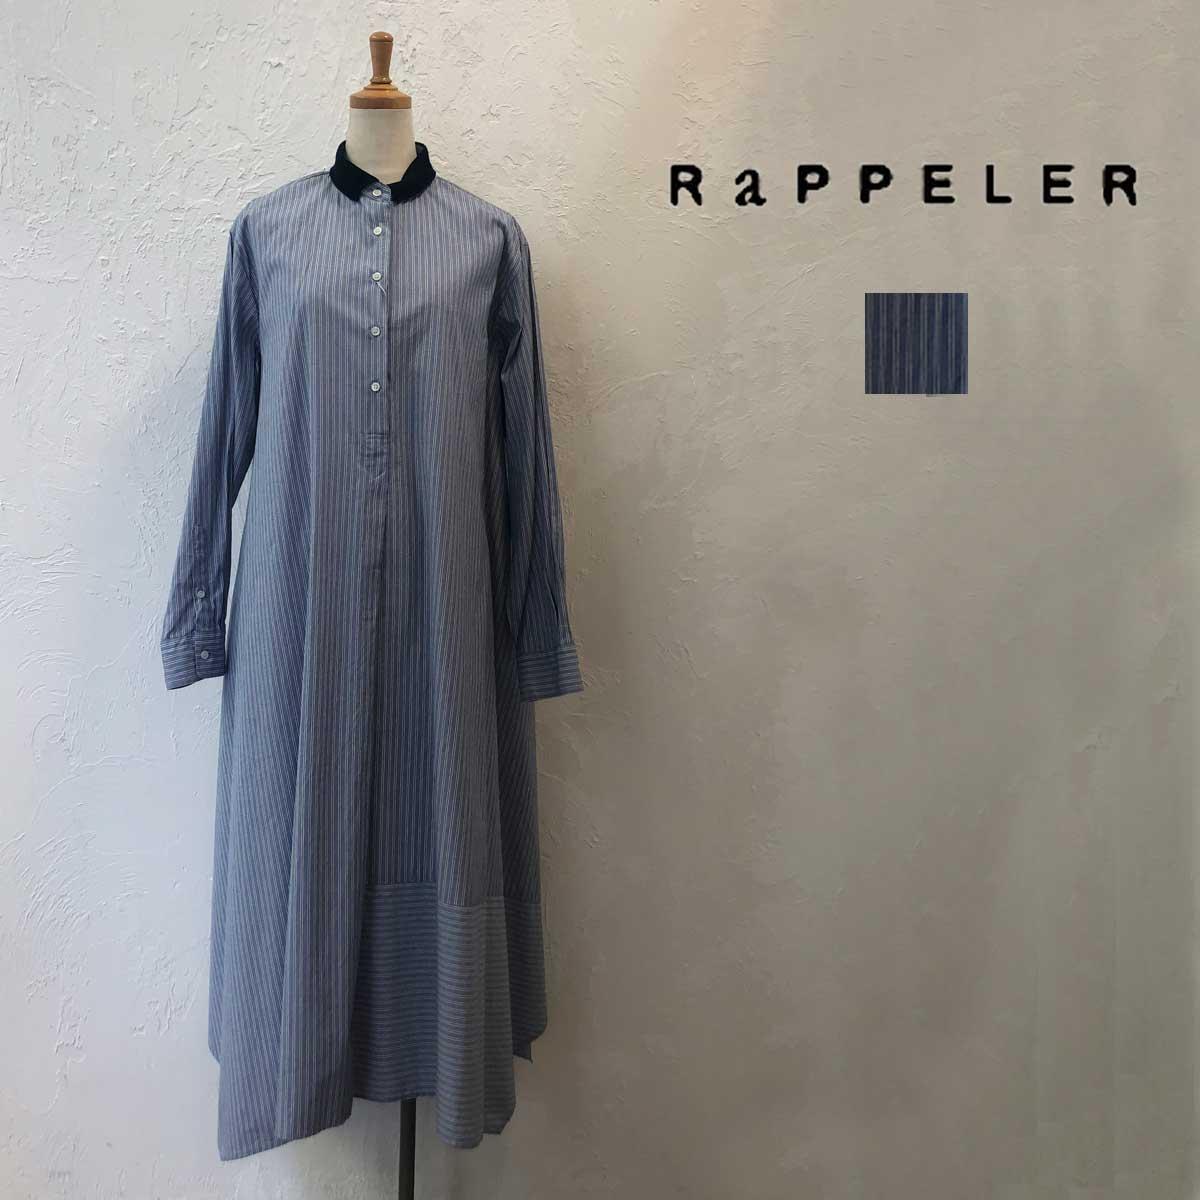 RaPPELER ラプレ ニット襟ストライプロングワンピース